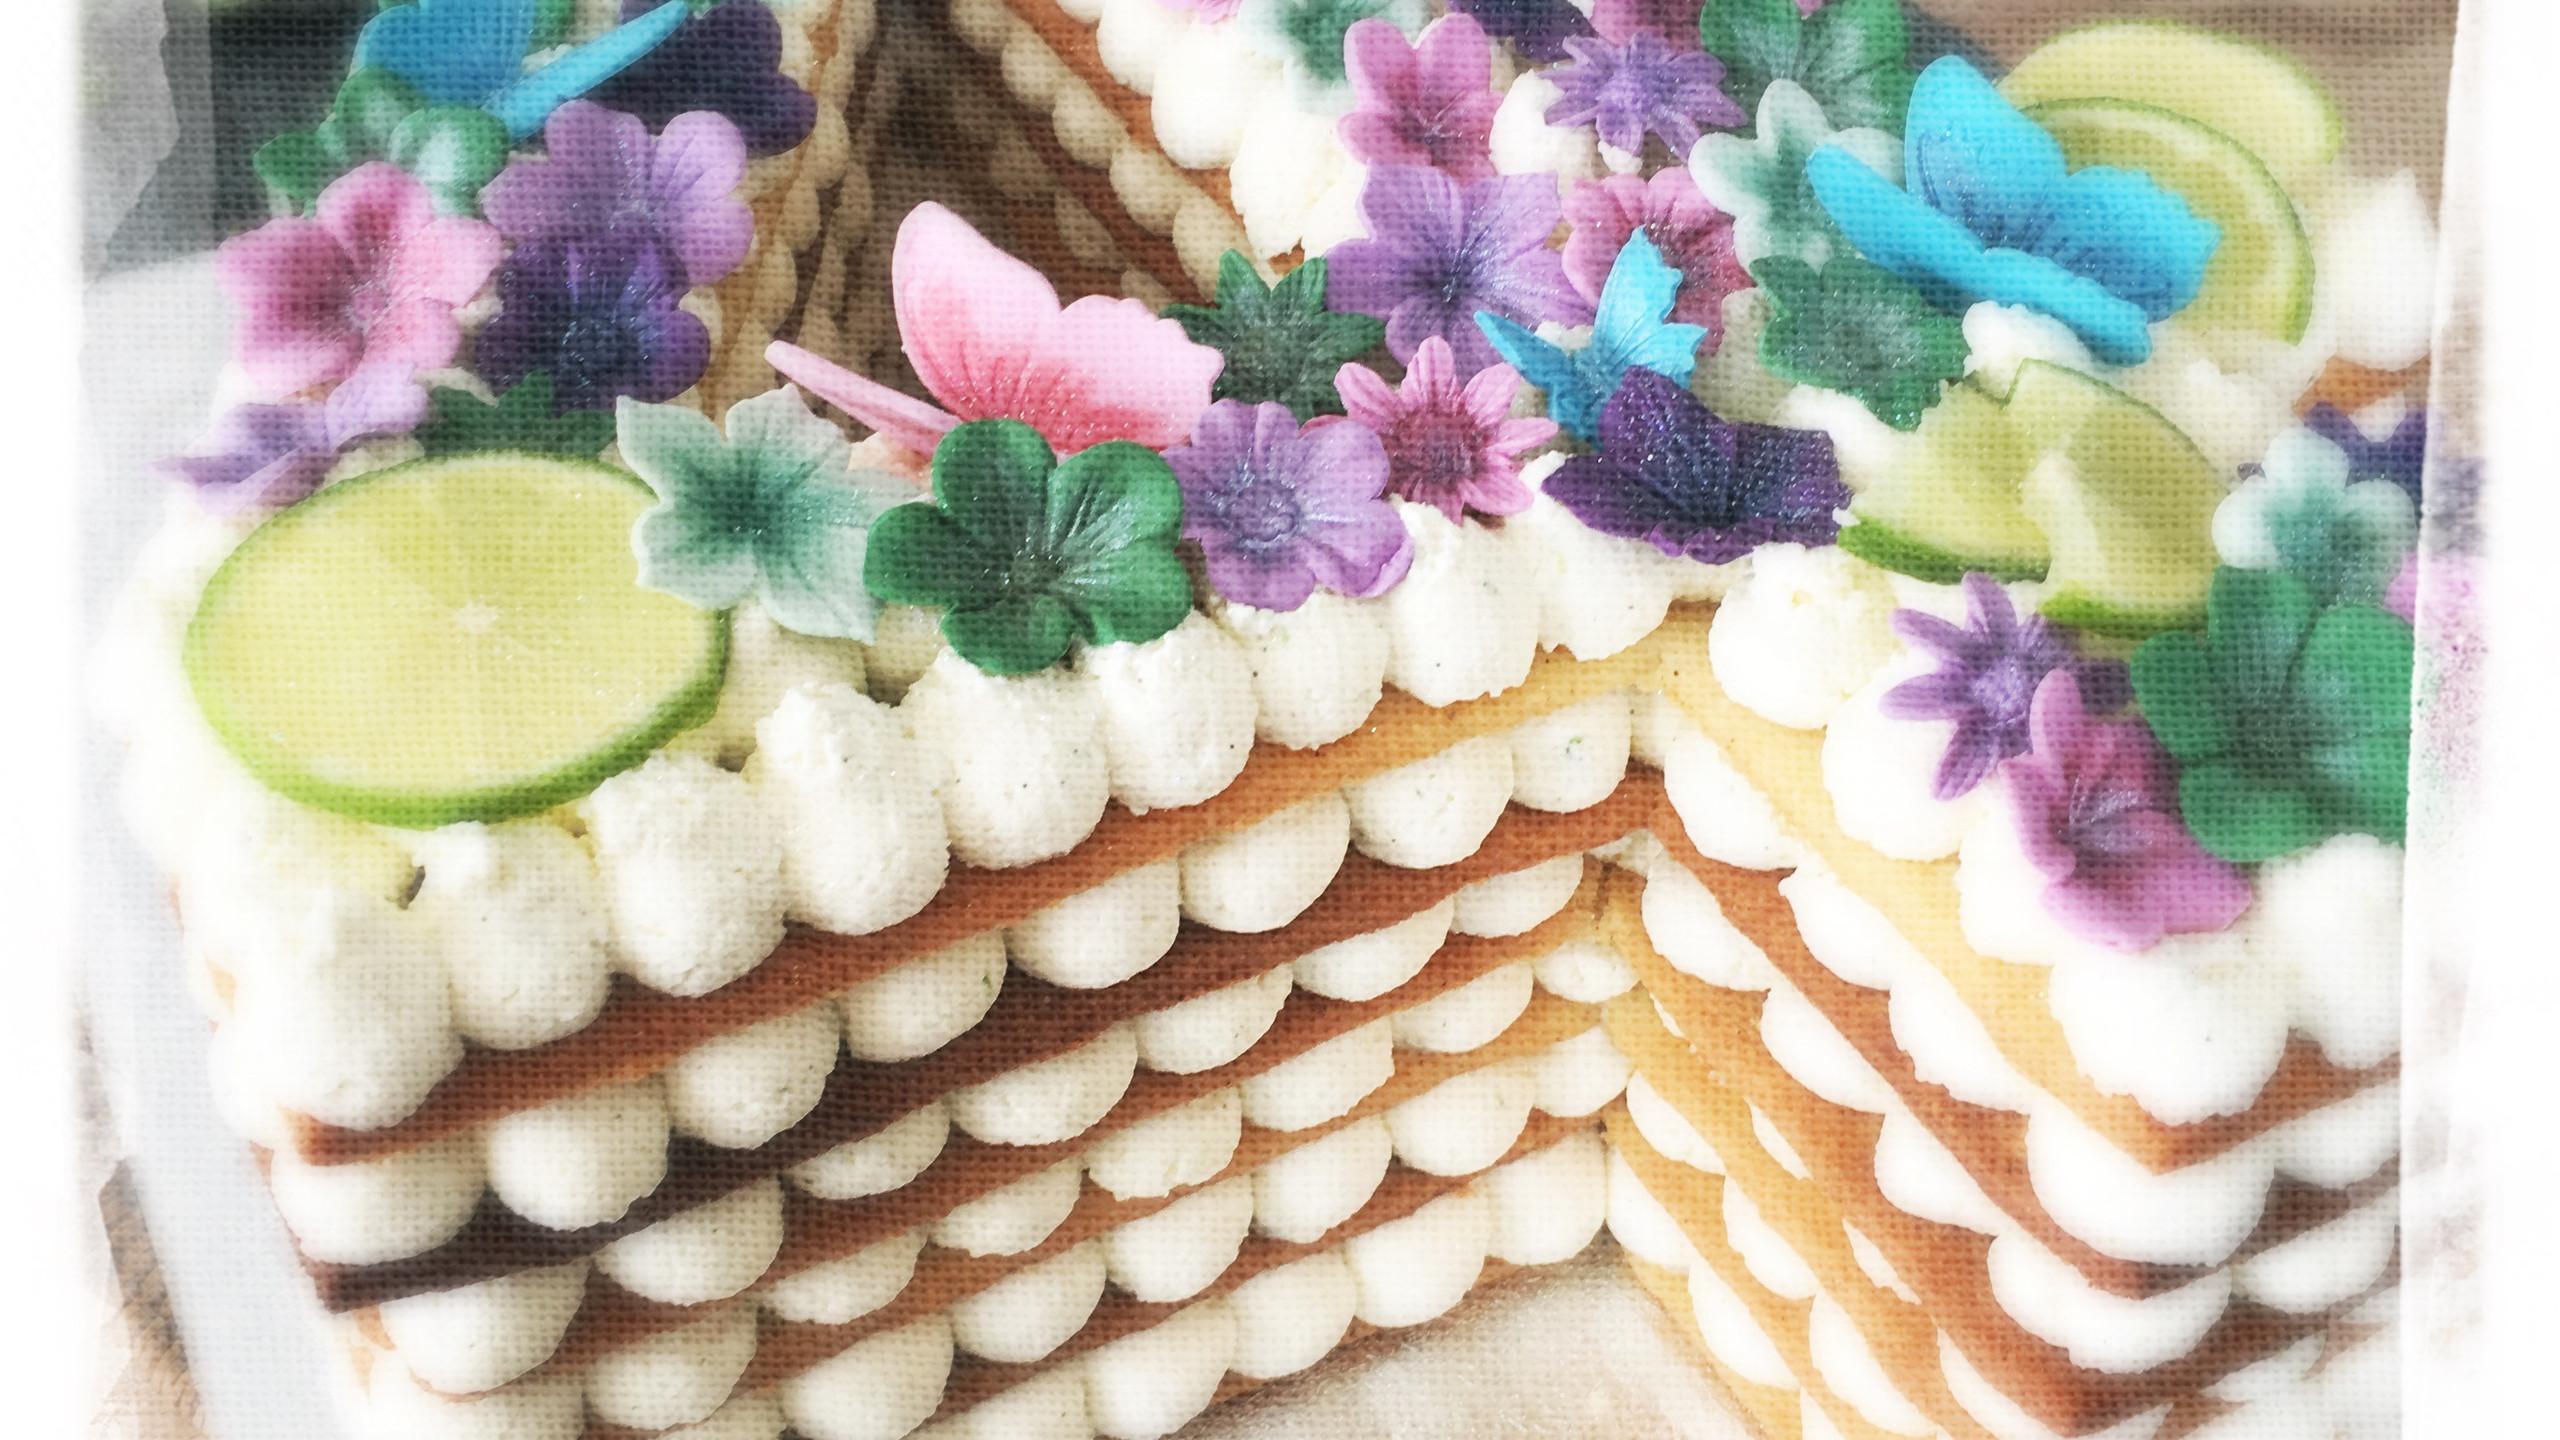 Number Cake féerique II